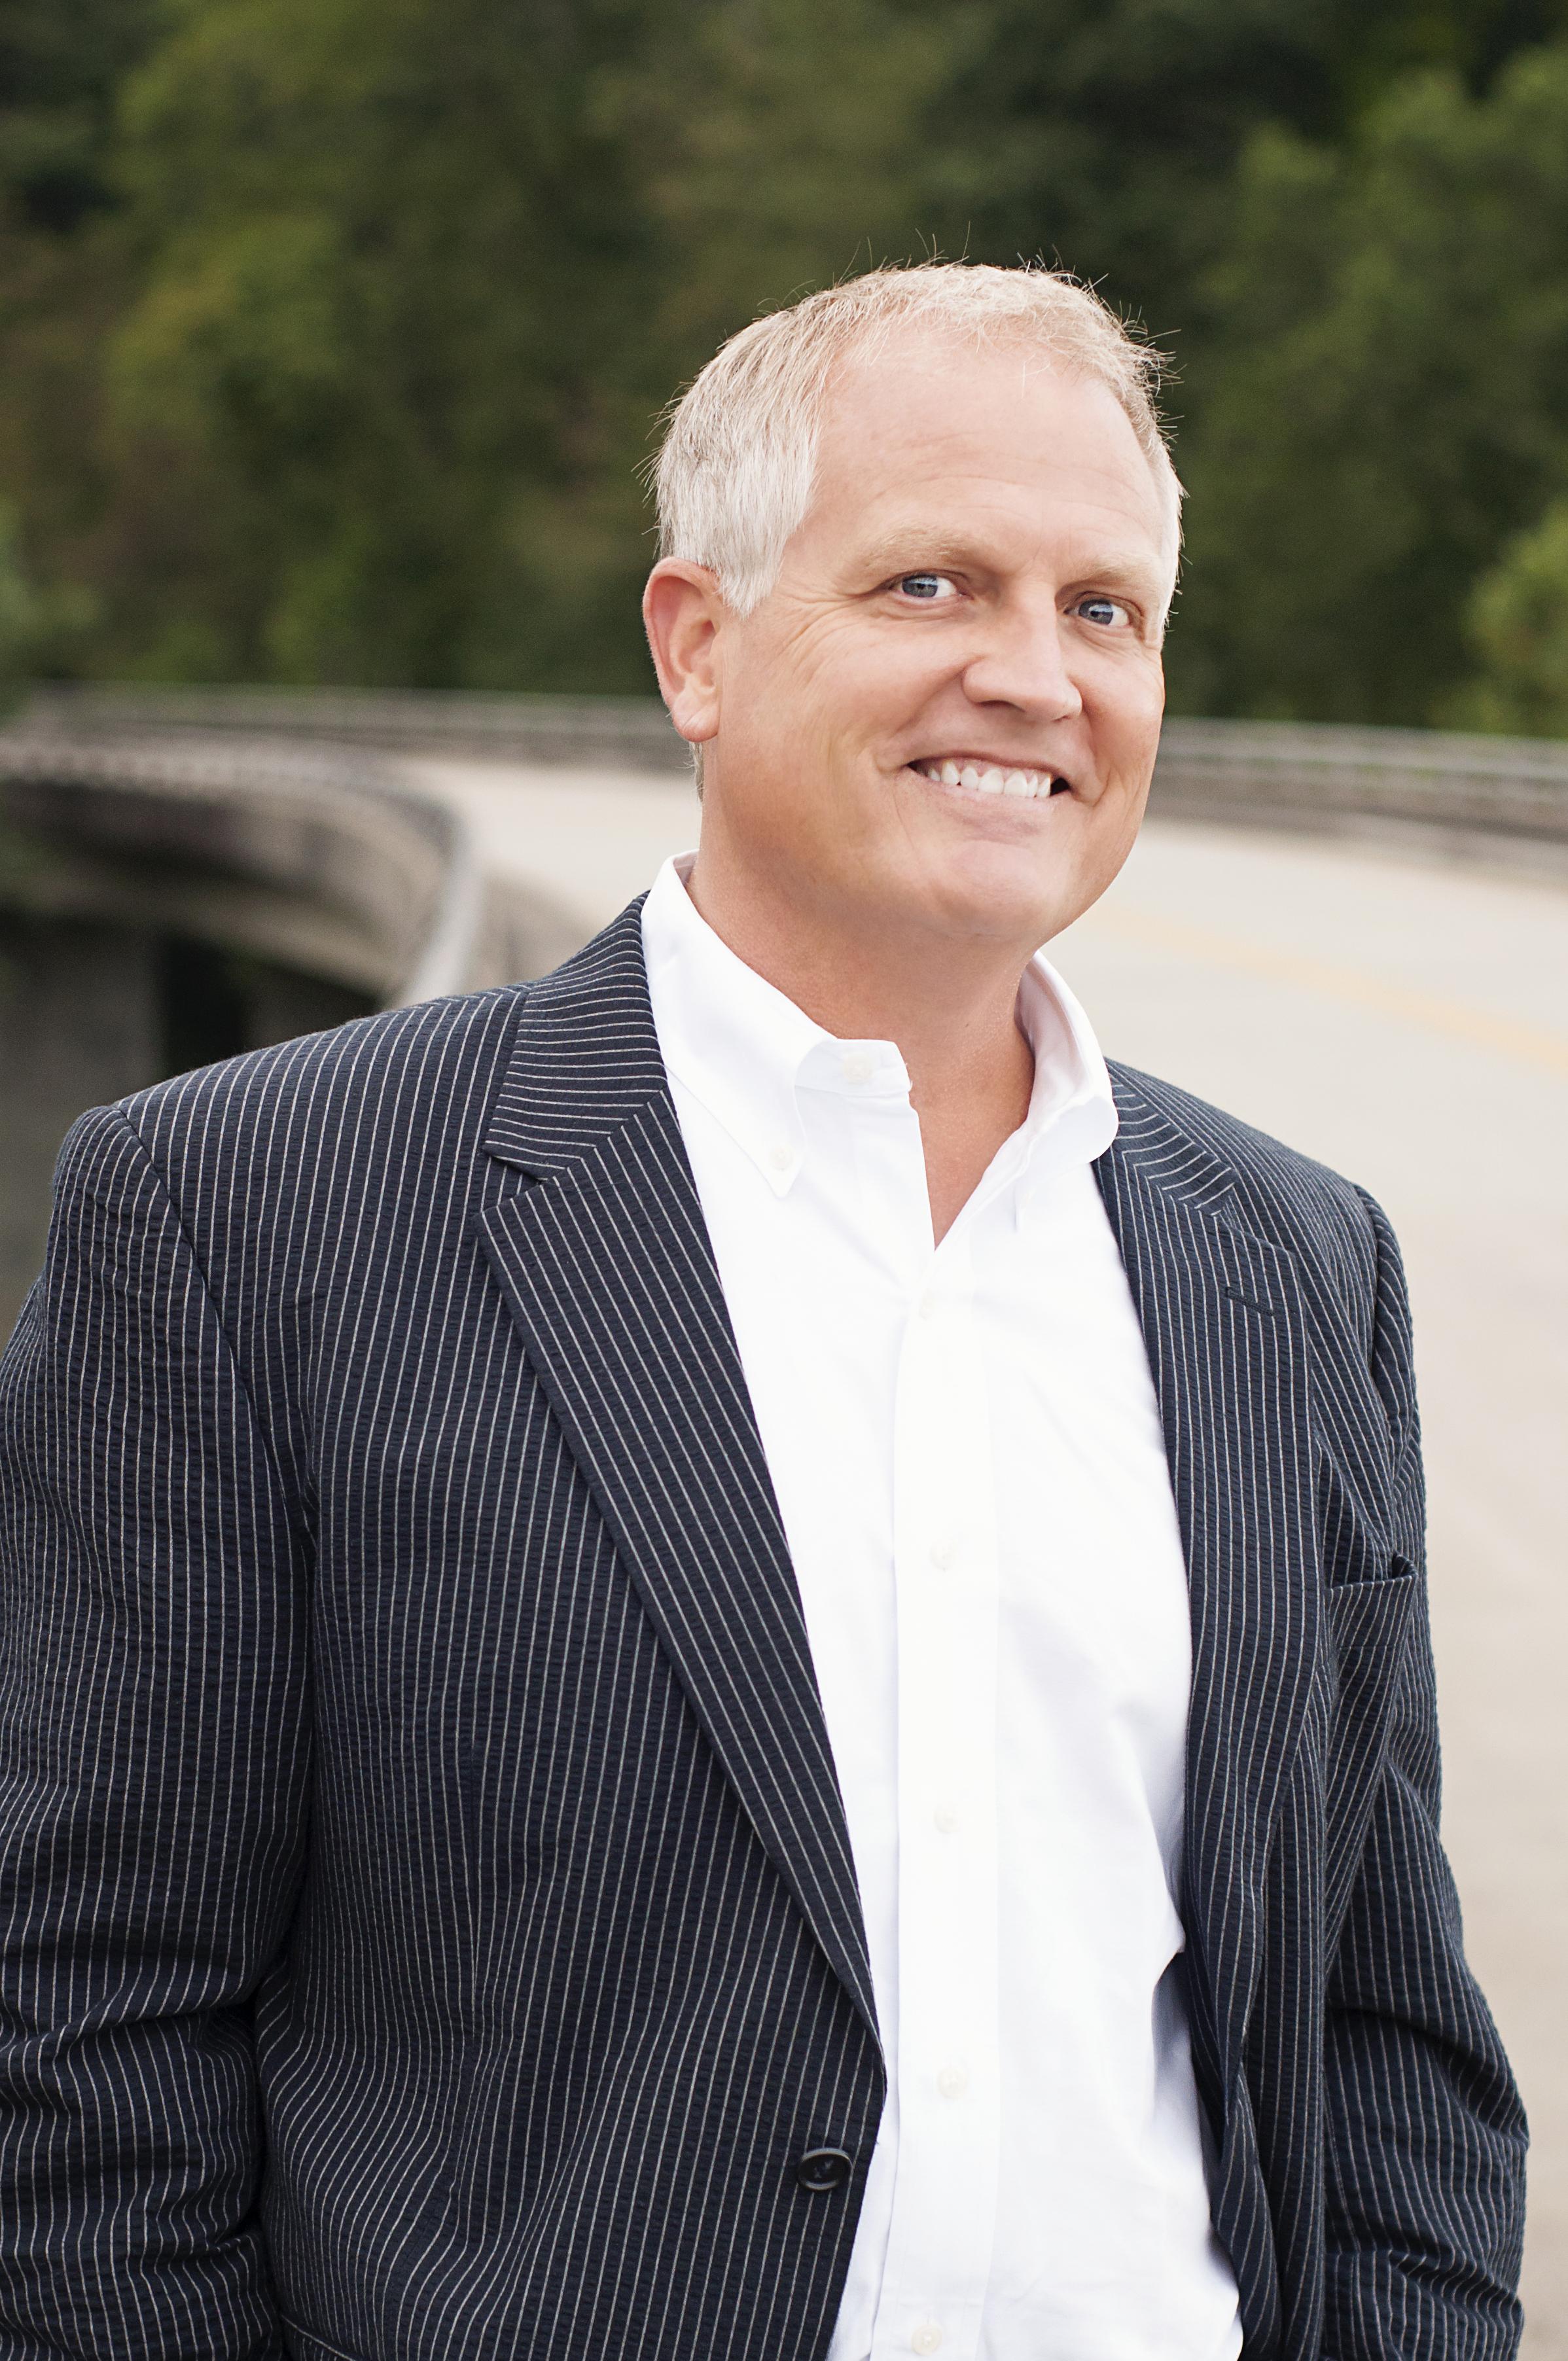 Bill Treasurer